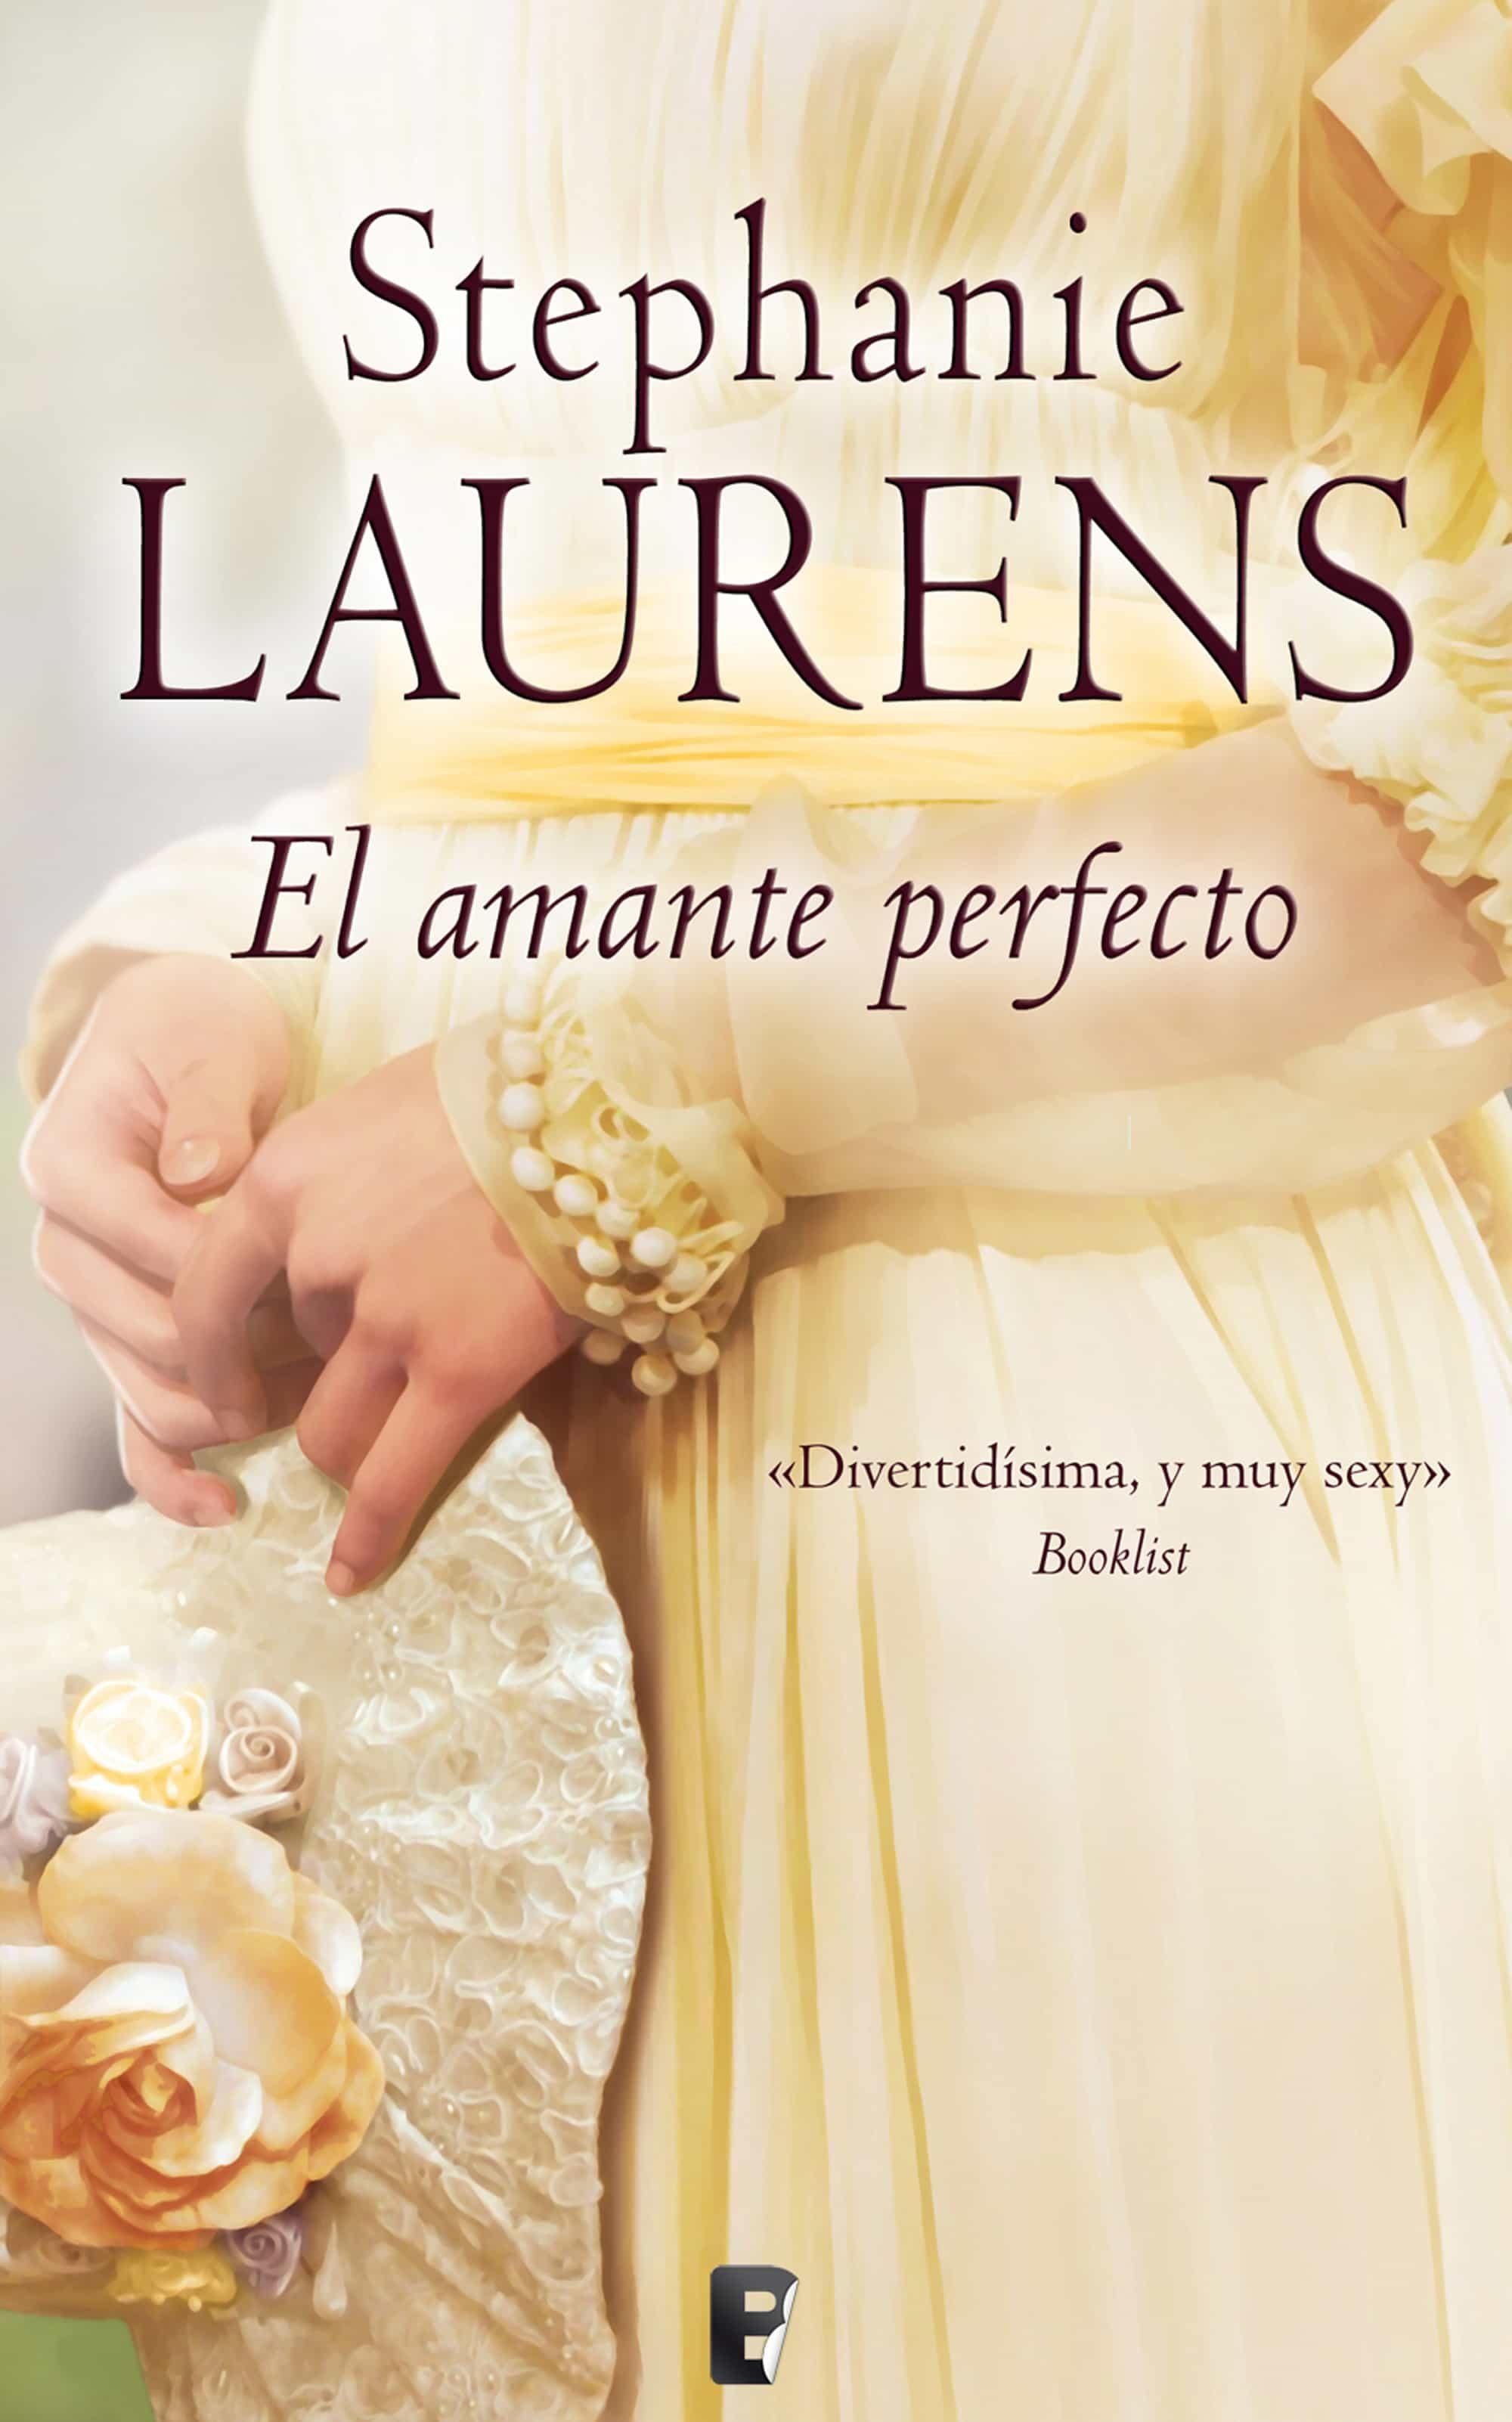 El amante perfecto ebook stephanie laurens 9788490191286